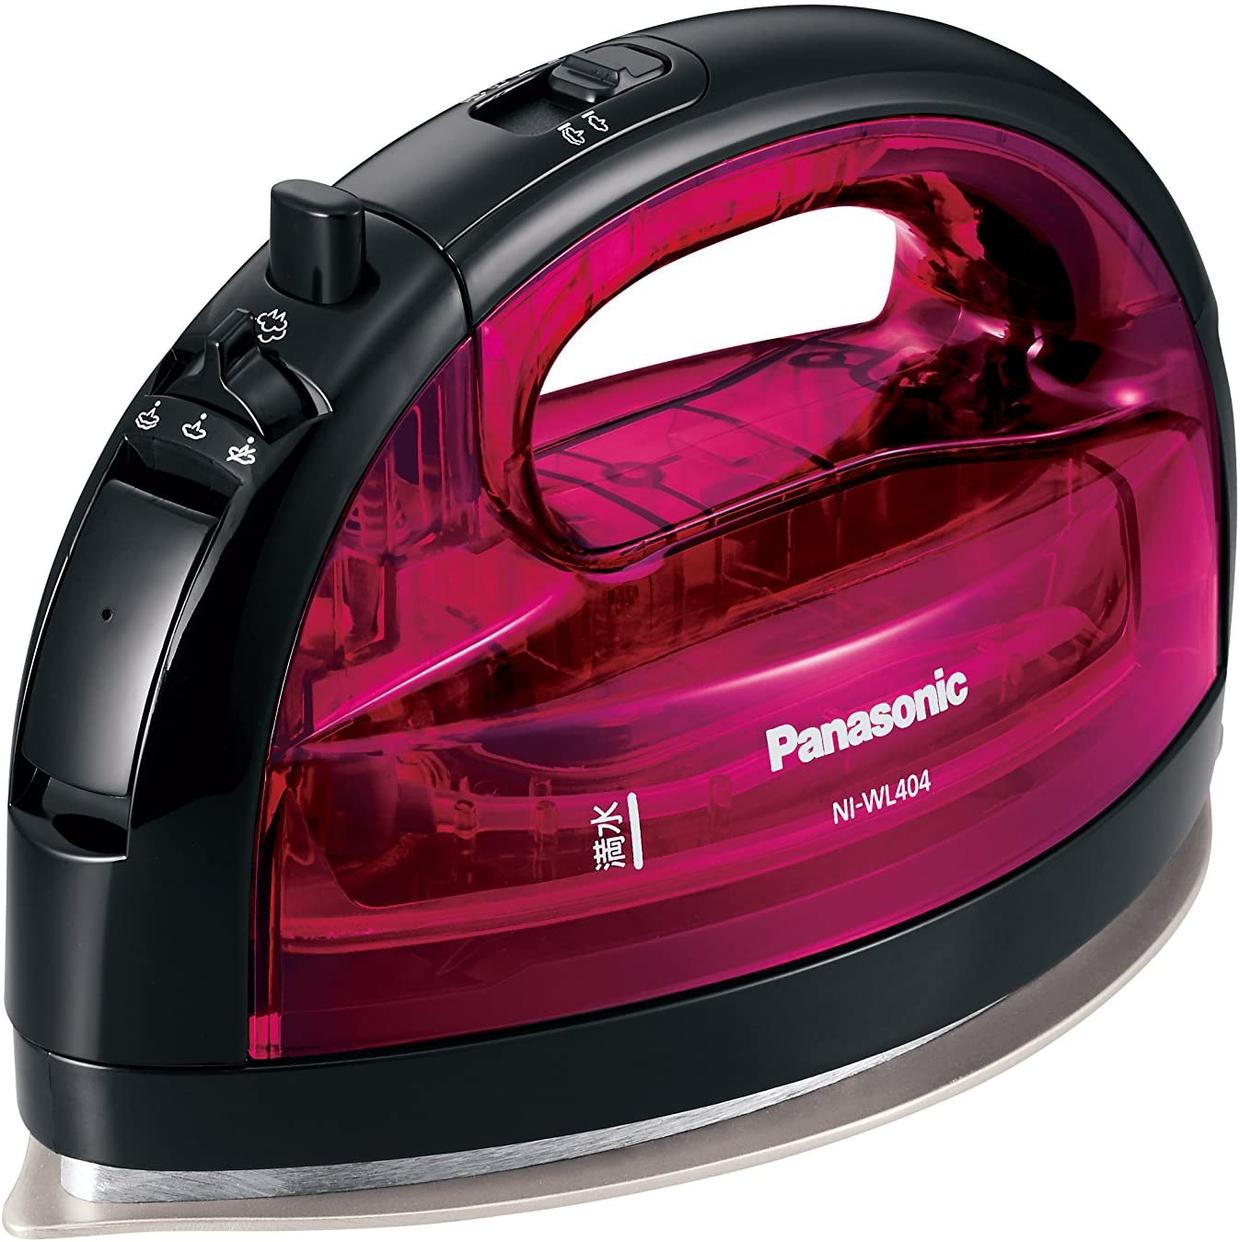 Panasonic(パナソニック) コードレススチームWヘッドアイロン NI-WL404-Pの商品画像